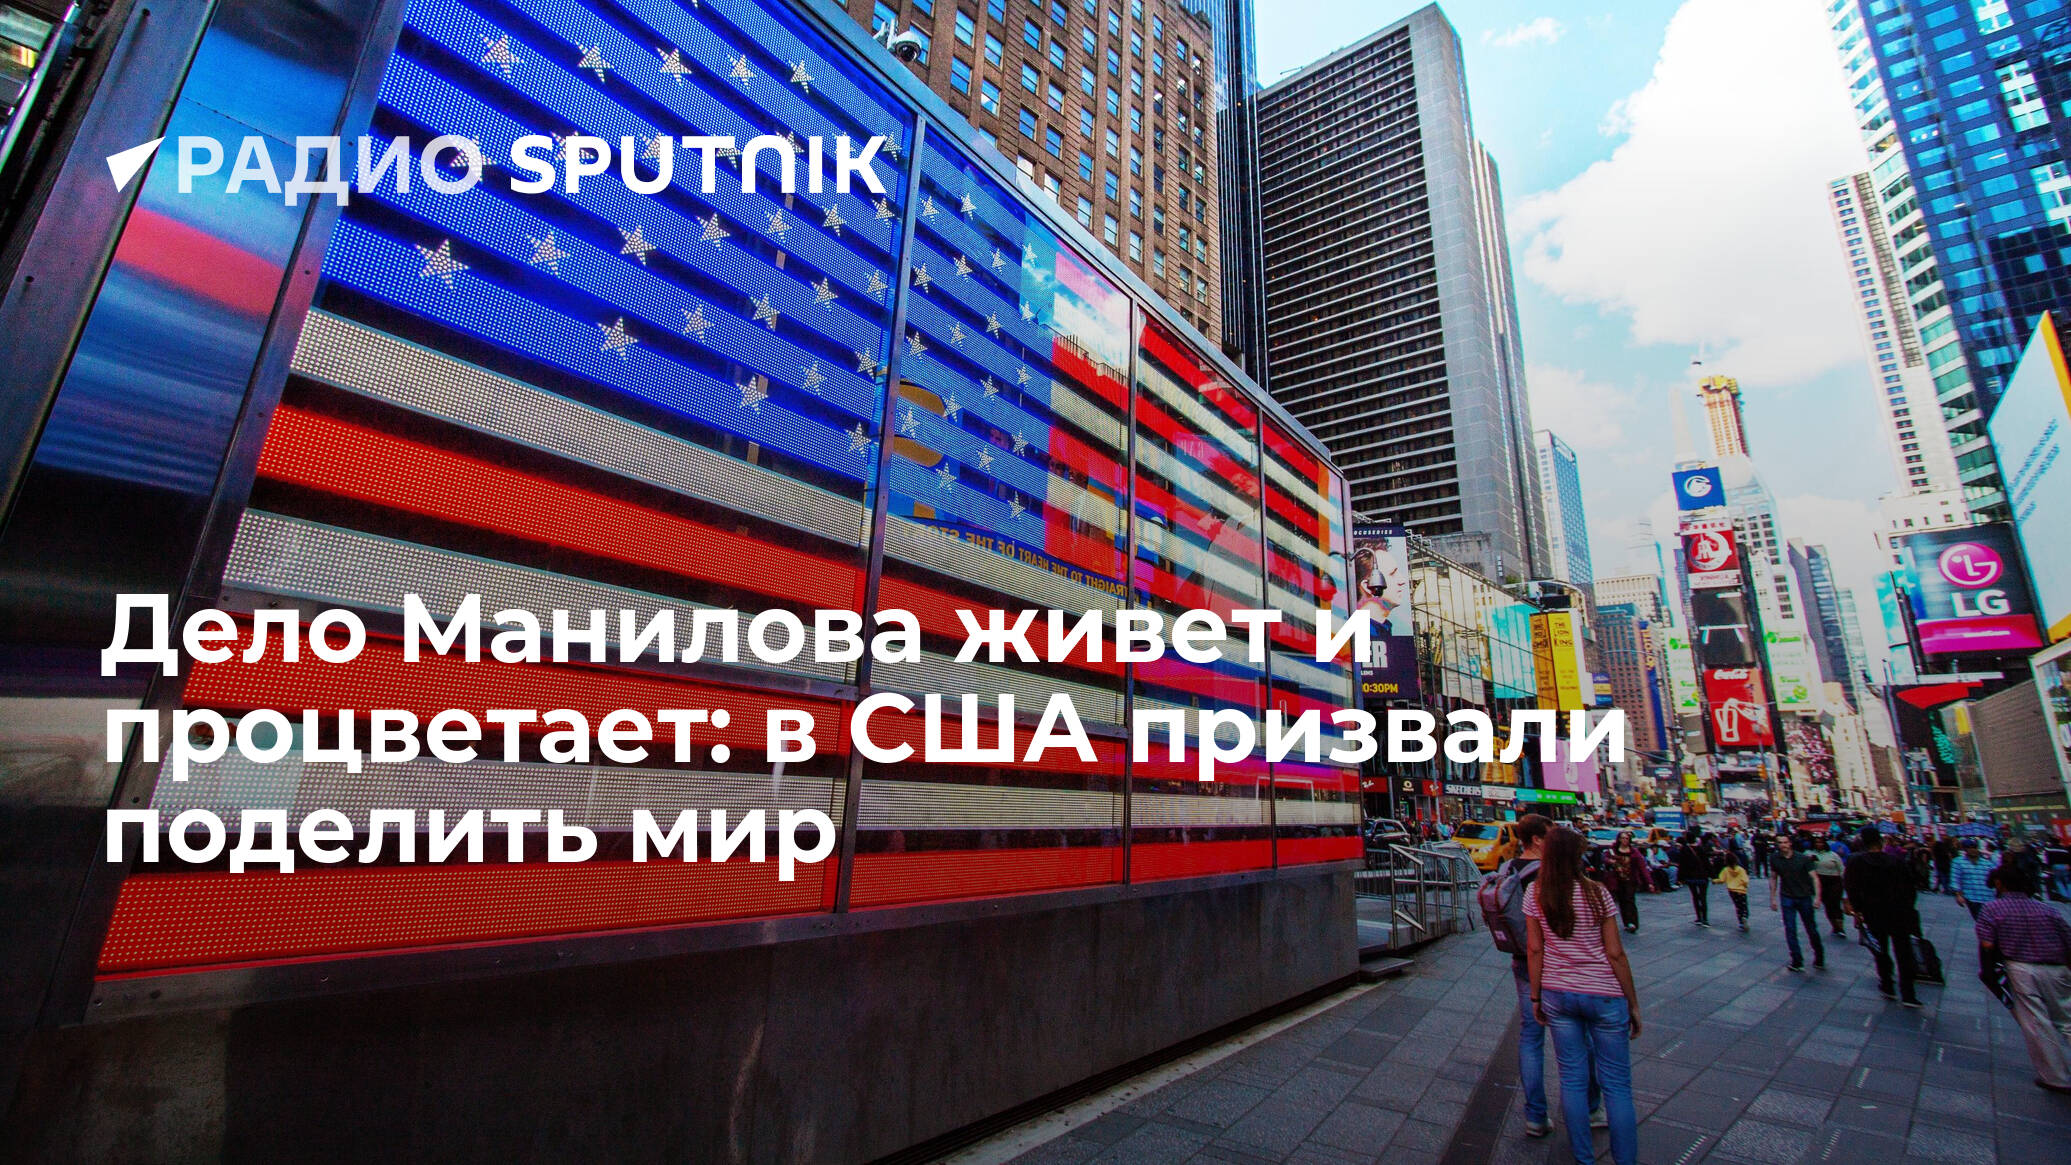 Дело Манилова живет и процветает: в США призвали поделить мир